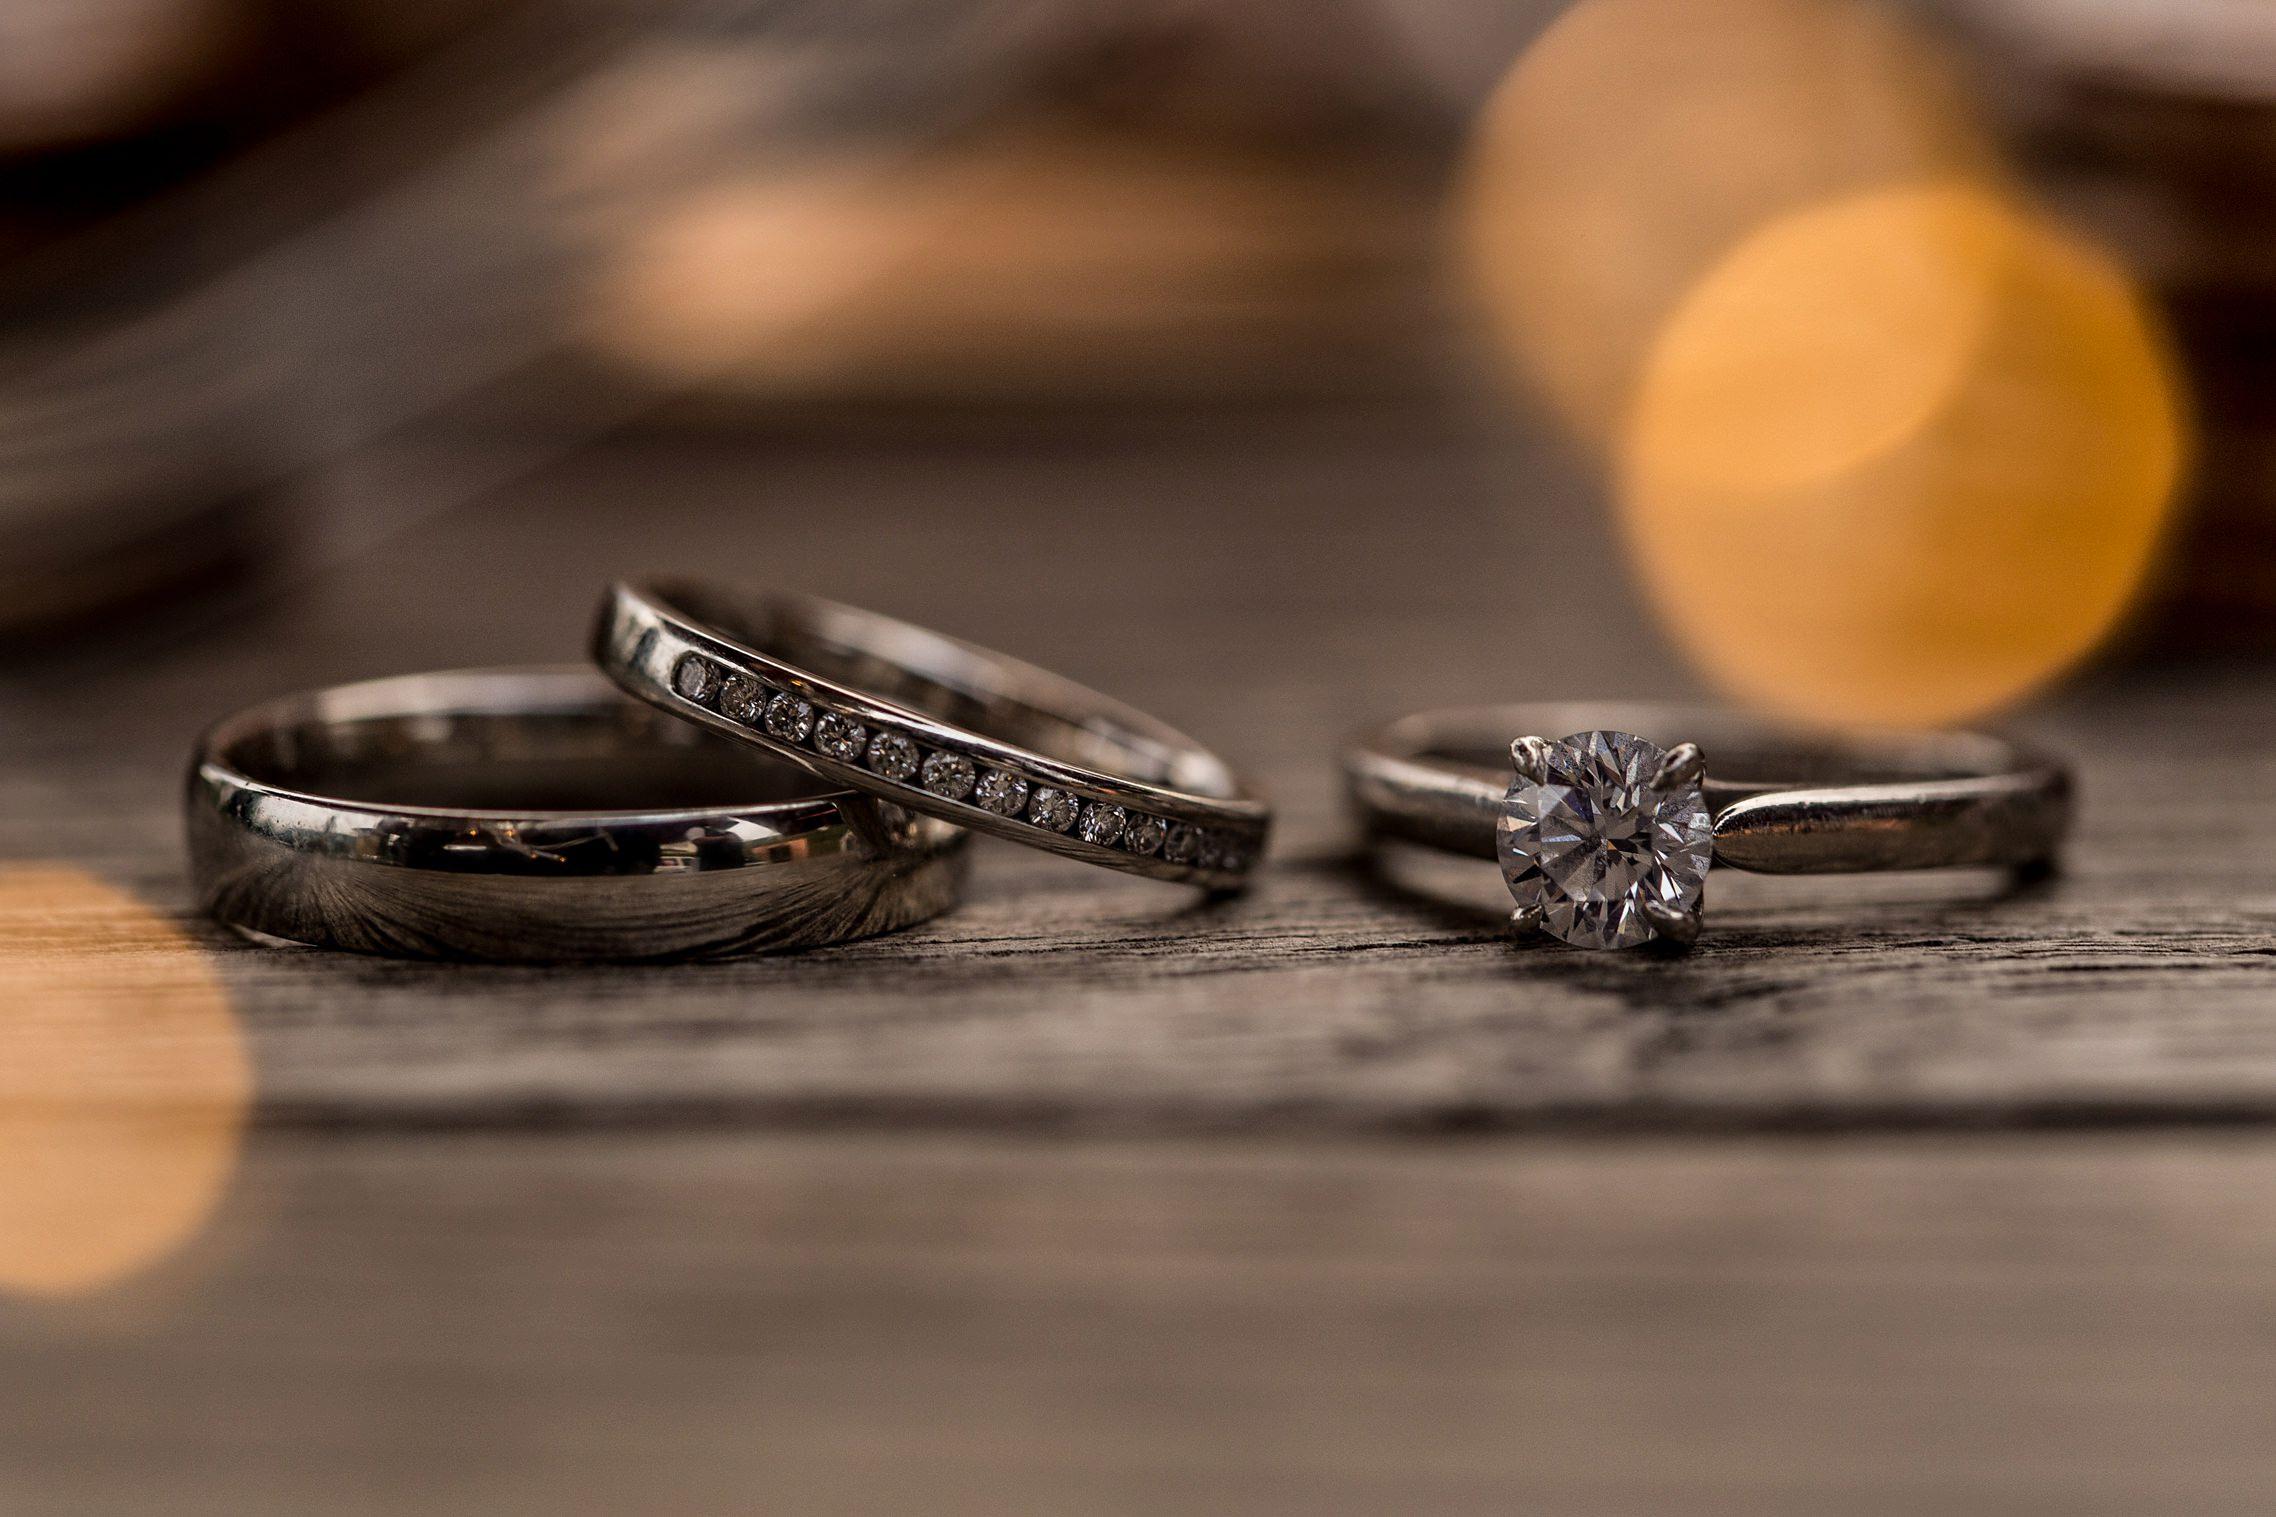 Die Hochzeitsringe und der Verlobungsring der Braut in einer schönen Makroaufnahme.